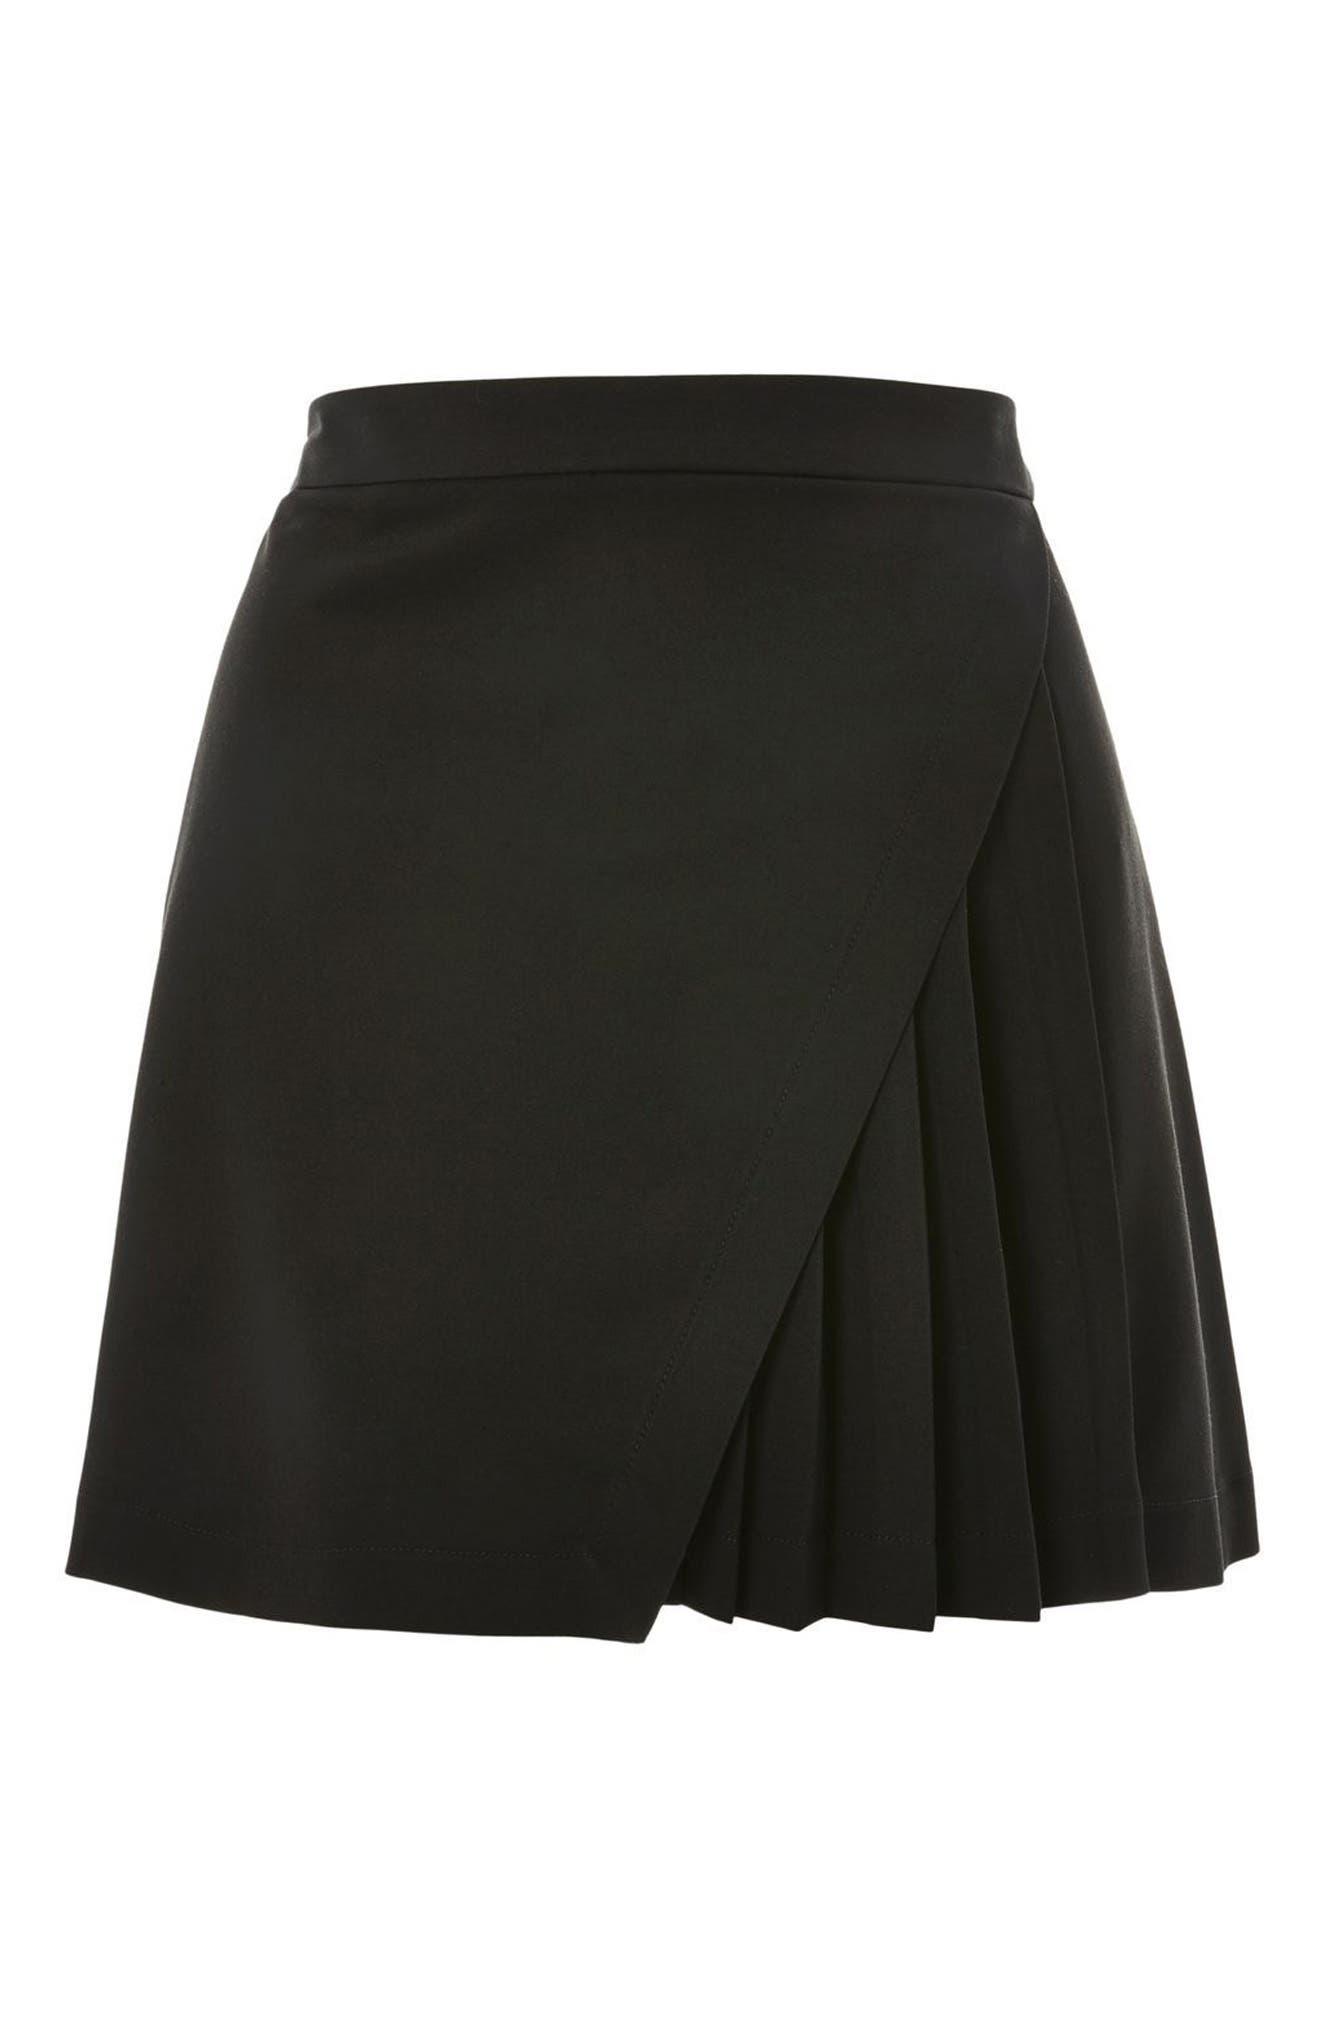 Alternate Image 3  - Topshop Pleated Panel Miniskirt